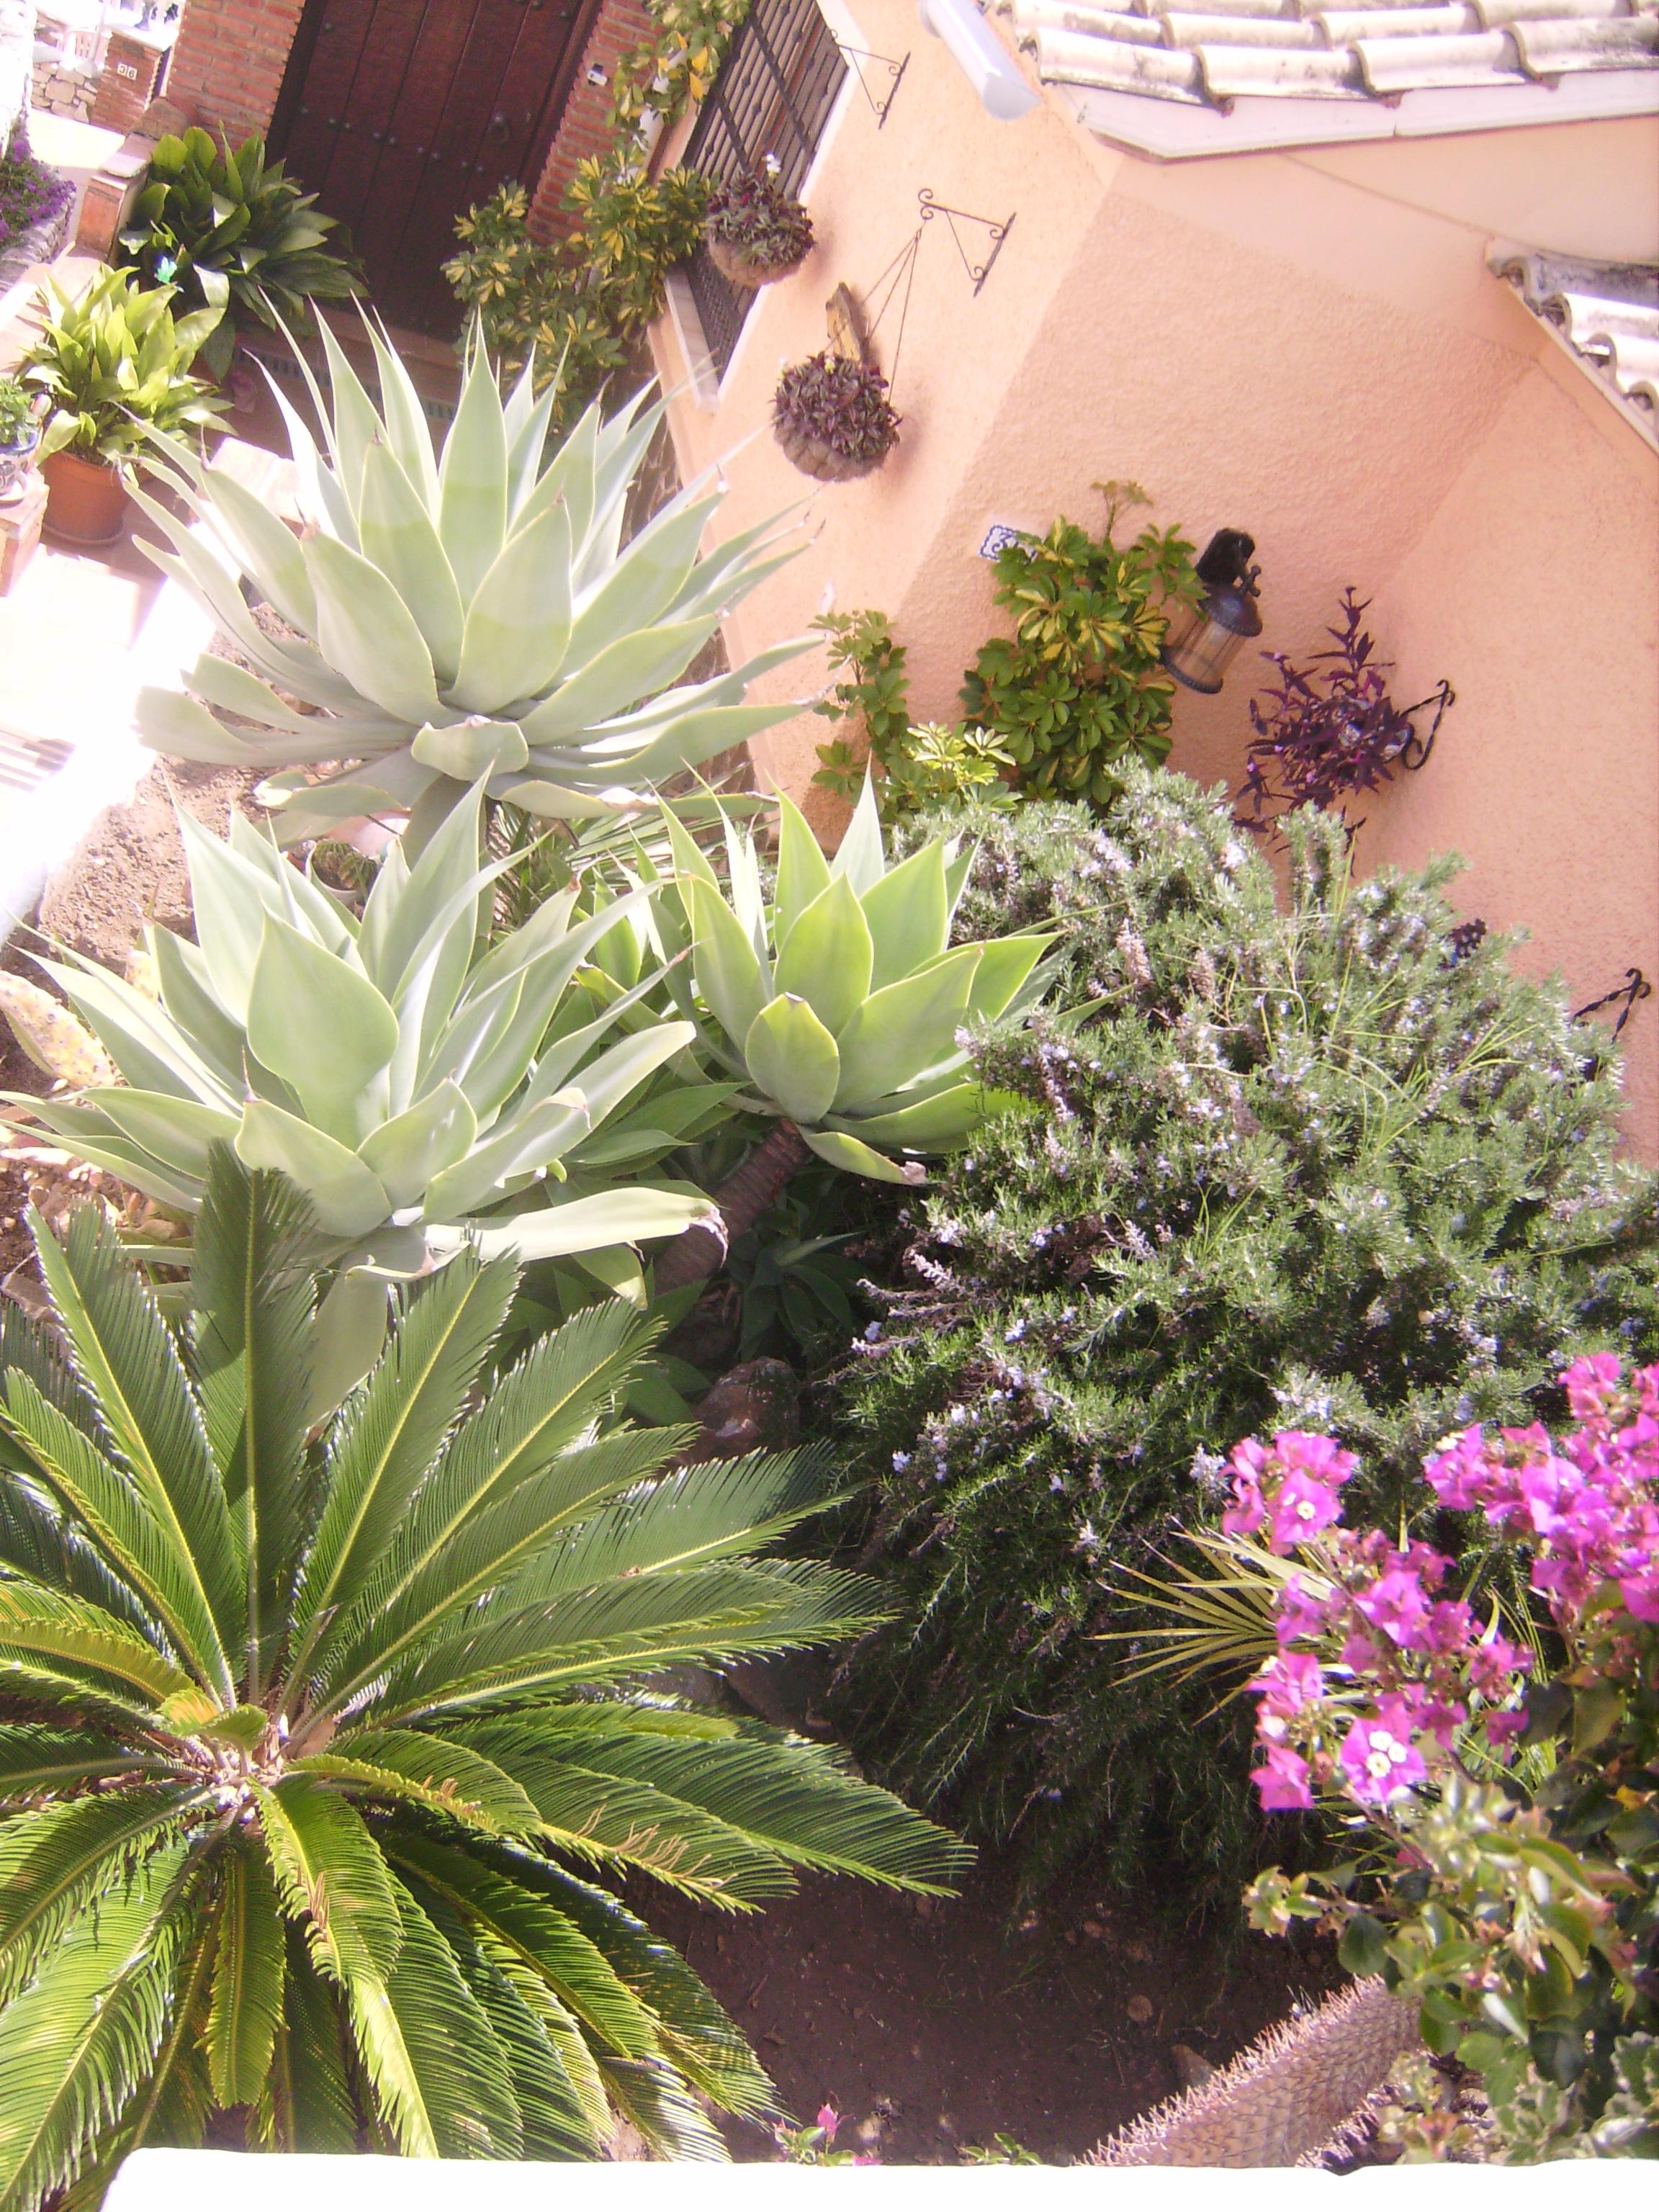 a számunkra egzotikus növényekkel.